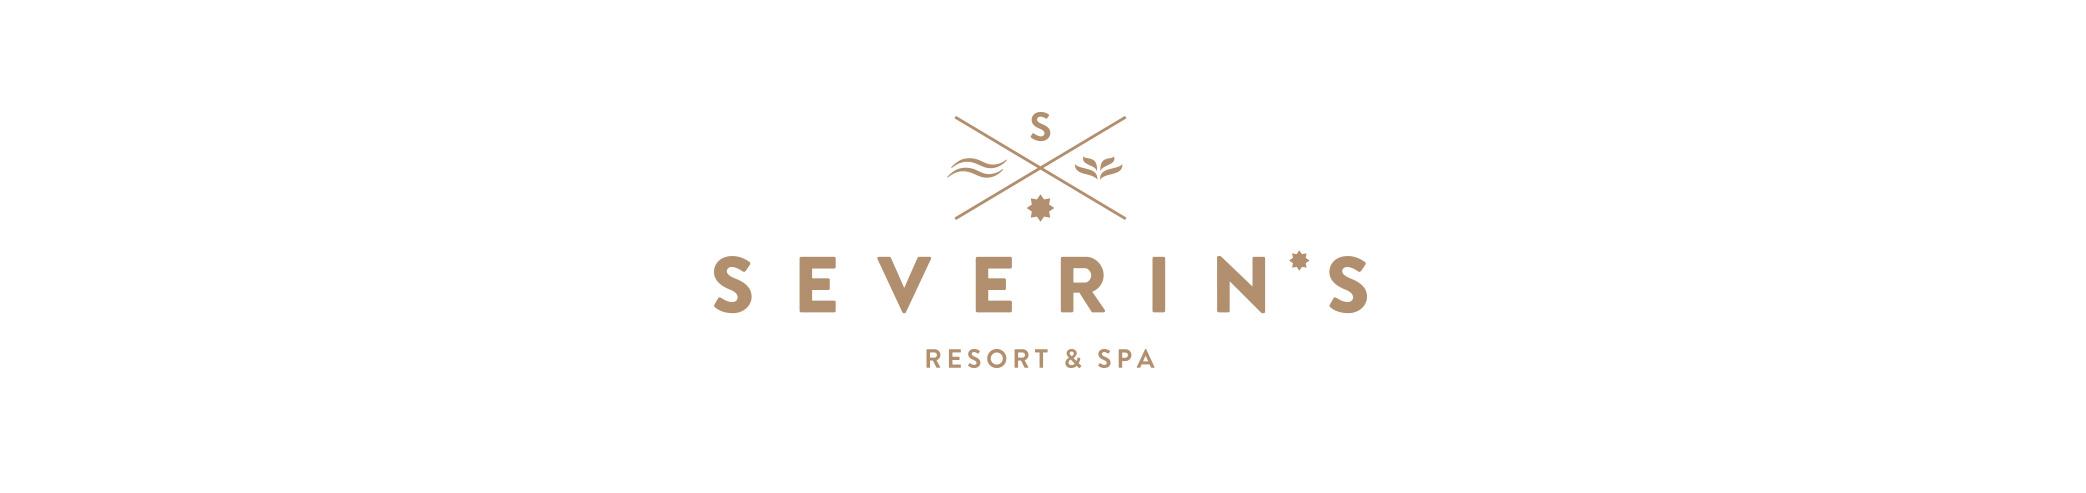 Severins Resort  Spa Sylt  Redeleit und Junker